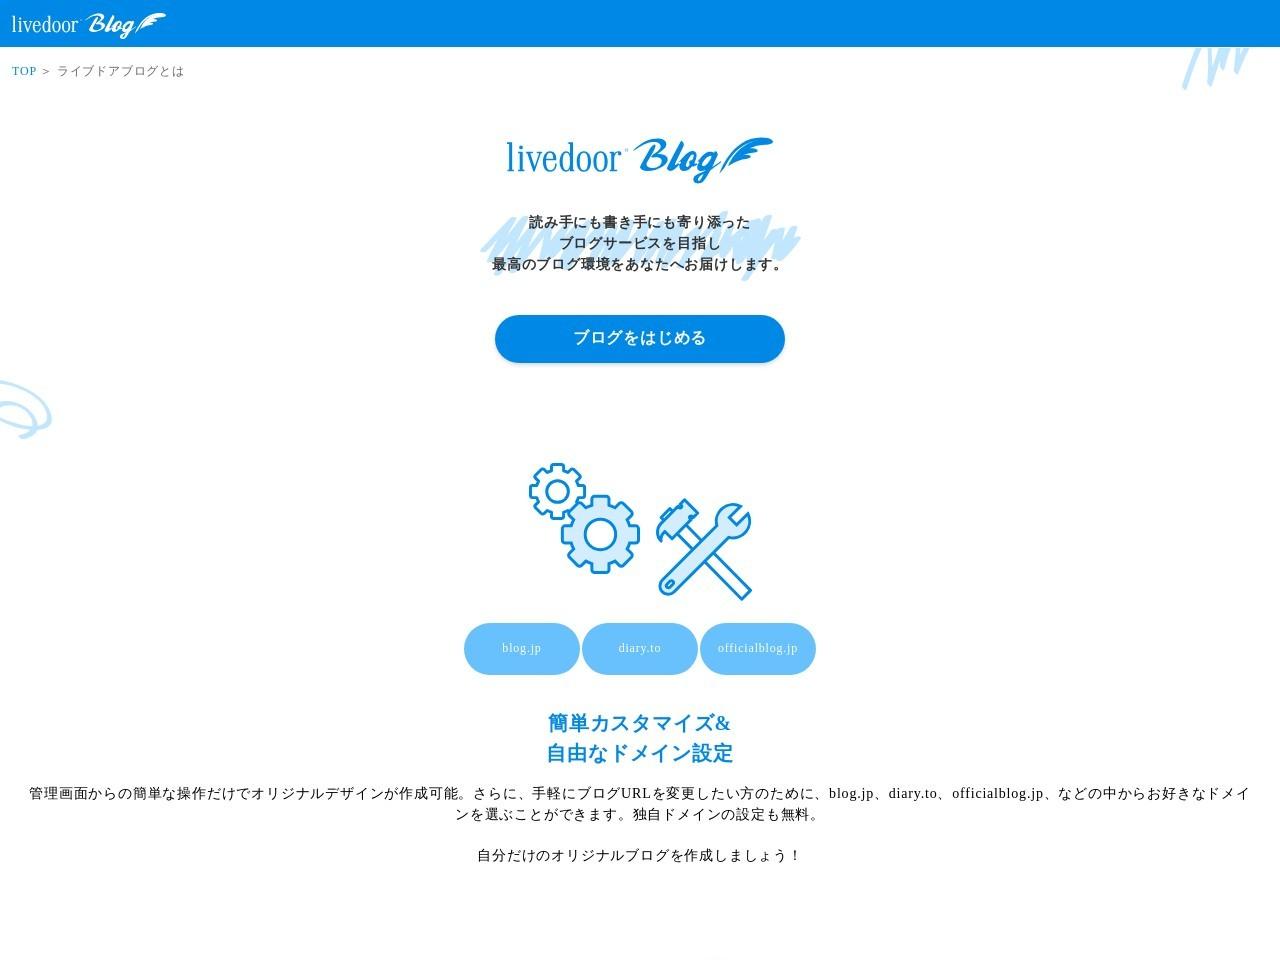 http://blog.livedoor.jp/os_tokyo/